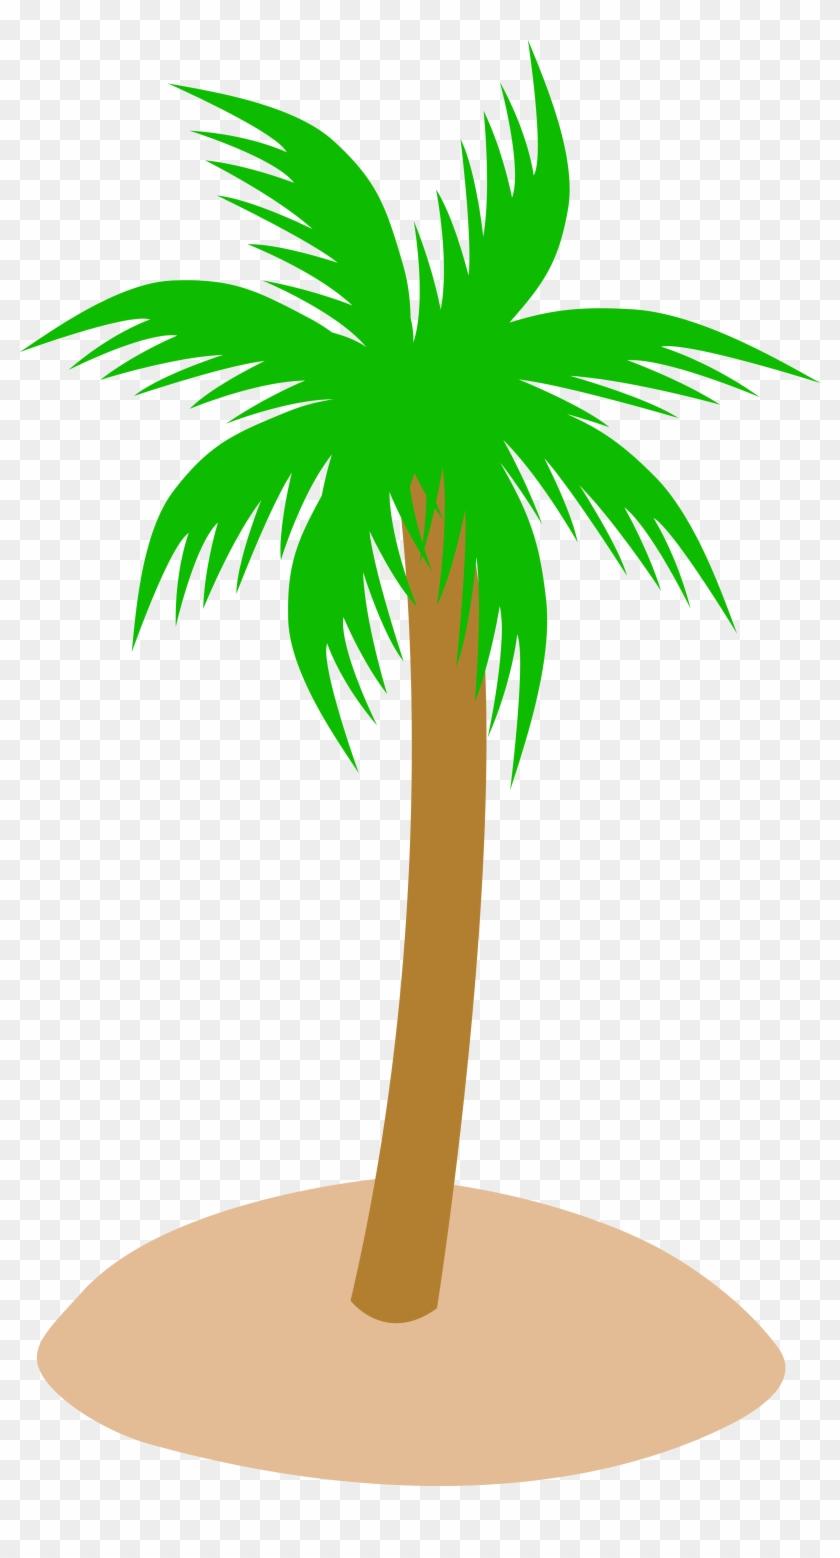 Tropics Clipart Tree Top - Palm Tree Clip Art - Png Download #255244